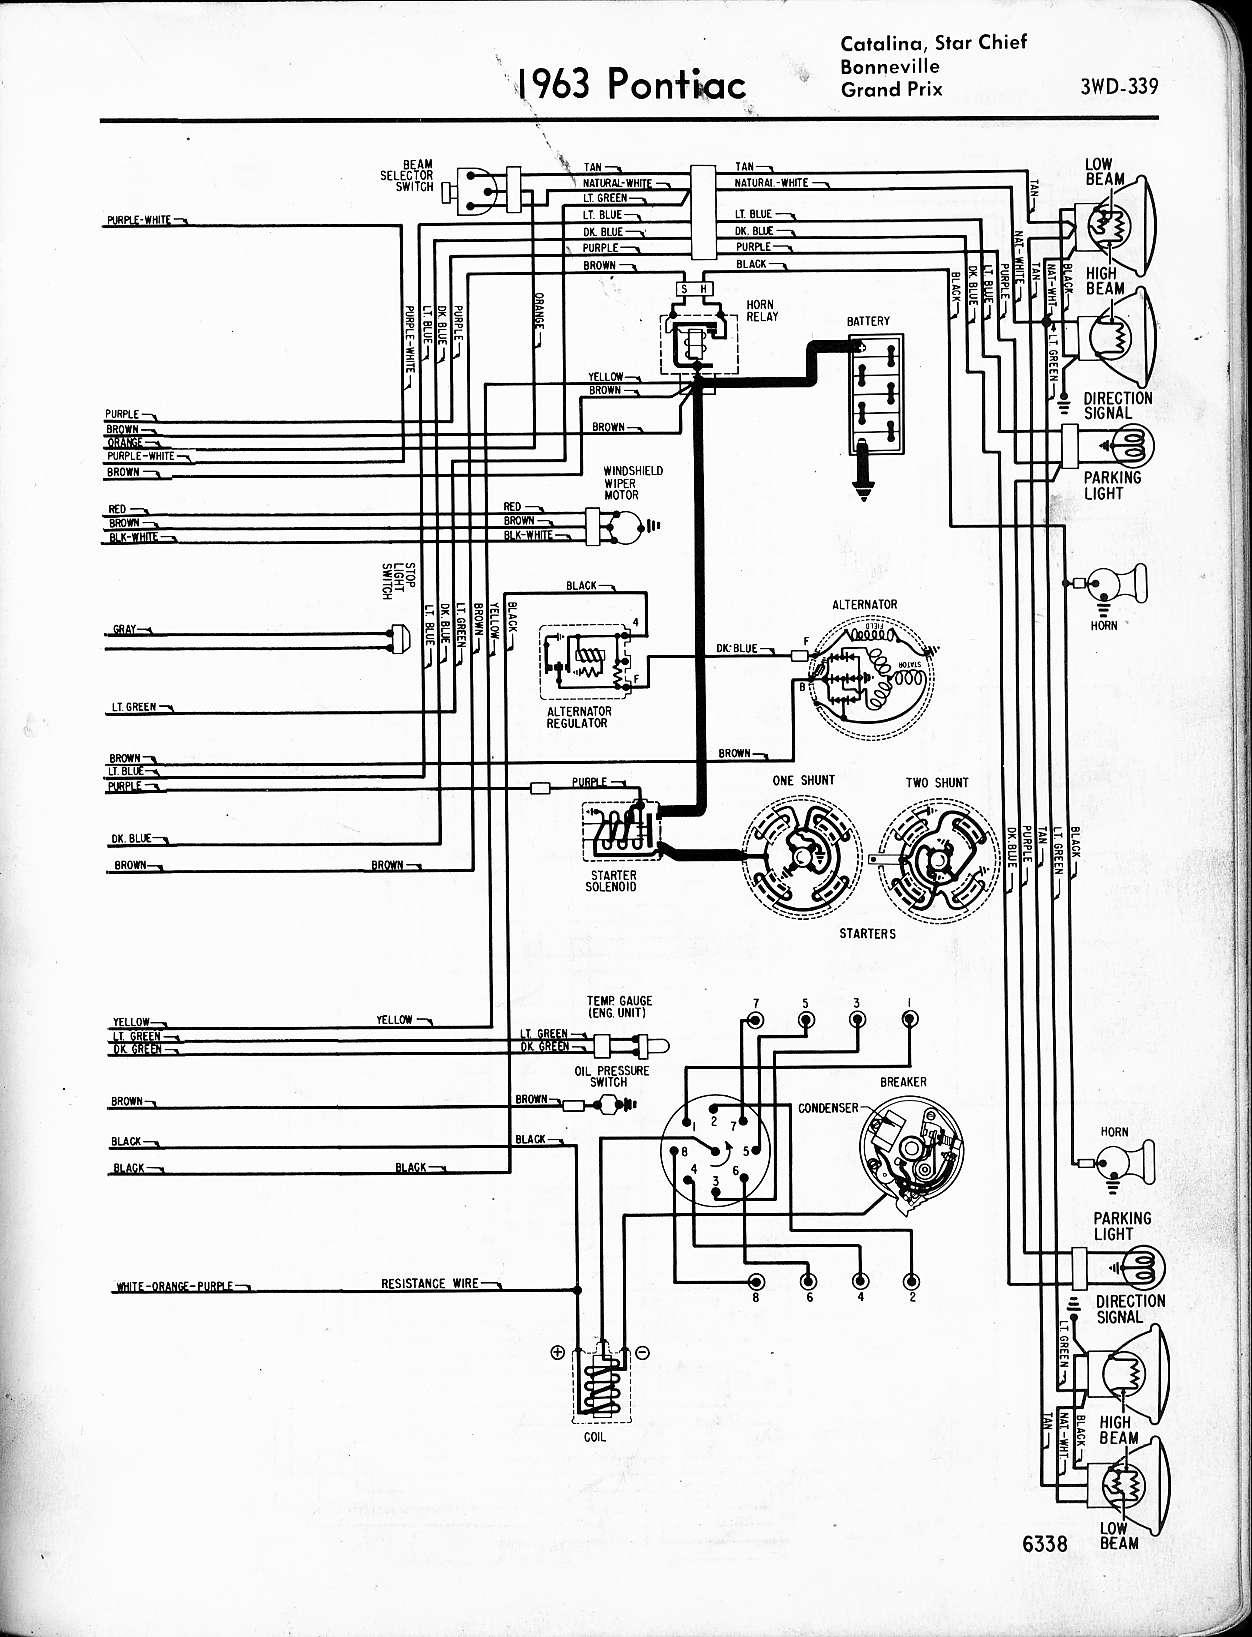 [SCHEMATICS_4LK]  YF_8094] Pontiac Catalina Wiring Diagram 1965 Pontiac Grand Prix Wiring  Diagram Free Diagram | 1998 Pontiac Grand Prix Dash Wiring Diagram |  | Nizat Lline Remca Cette Mohammedshrine Librar Wiring 101